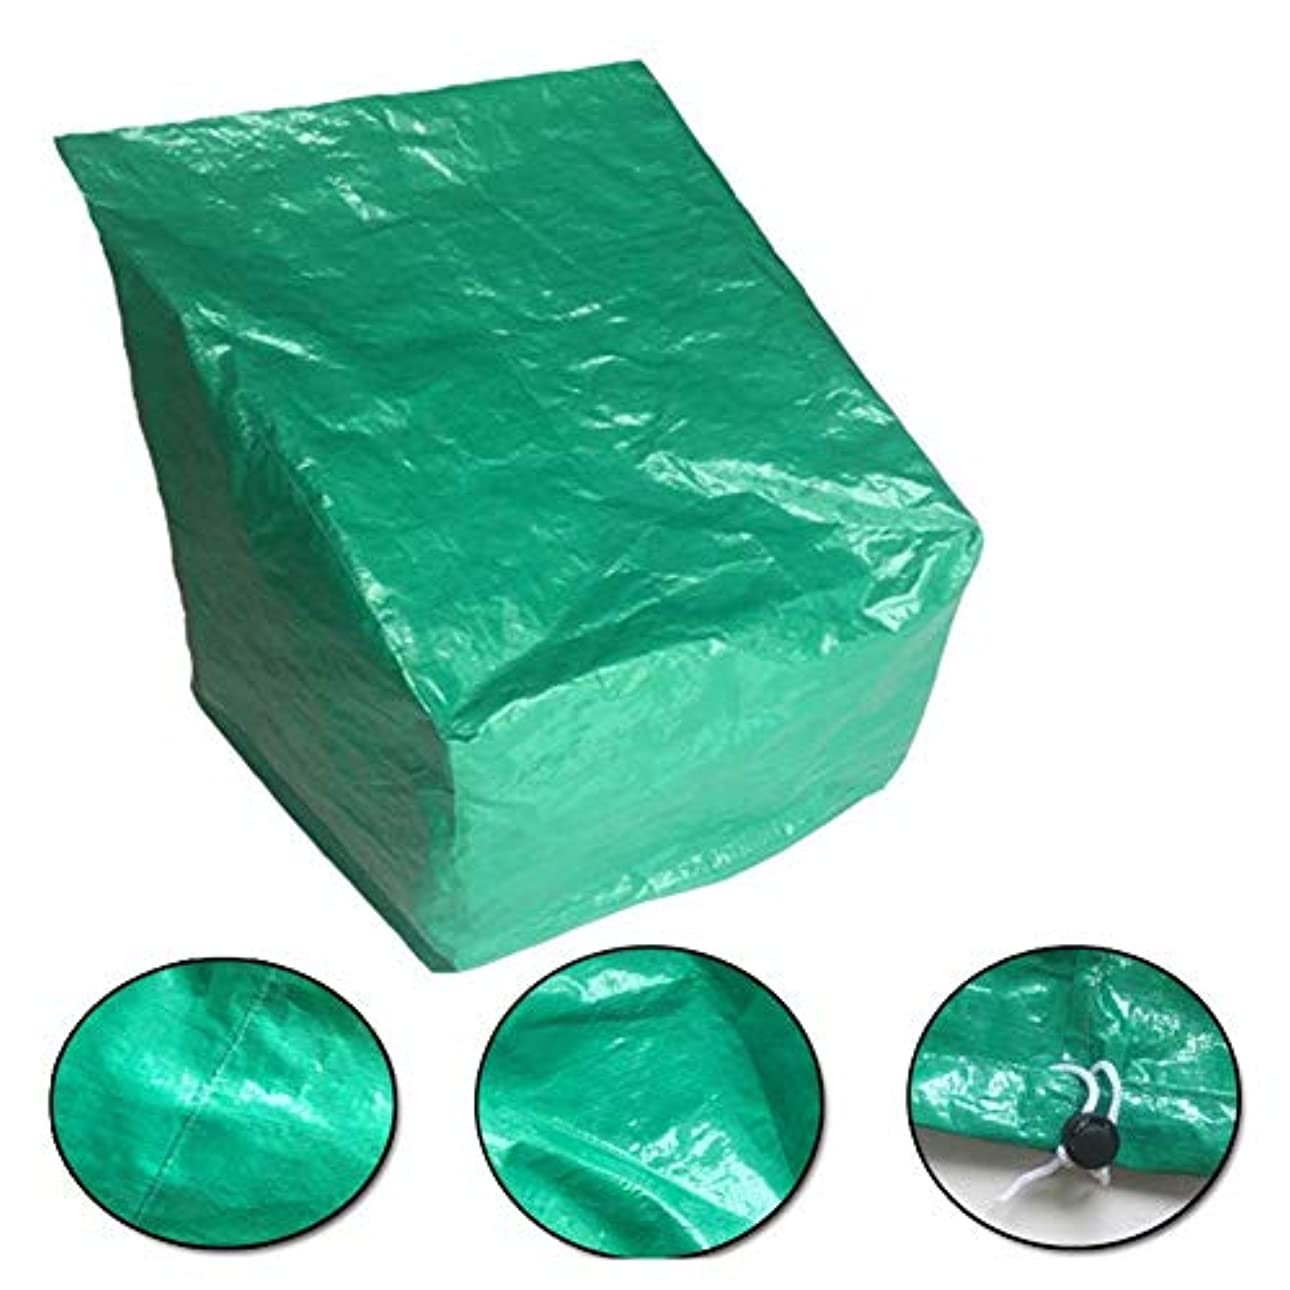 充電音楽を聴く空のZEMIN ターポリンタープ 庭園 家具 カバー 椅子 dest 縫い ターポリン 防水 防塵 フード オックスフォード布、 カスタマイズ可能、 3サイズ (色 : Green, サイズ さいず : 66x66x120CM)